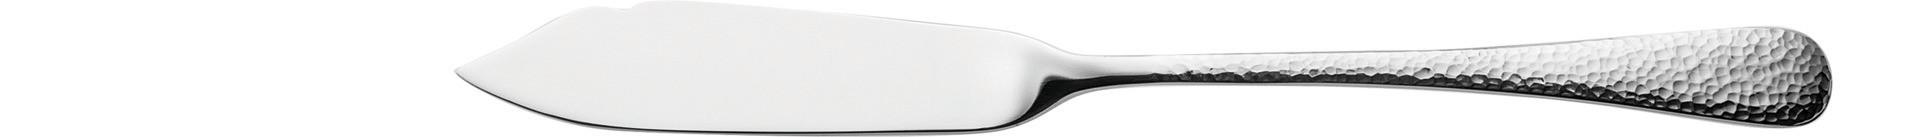 Mia, Fischmesser 210 mm gehämmert